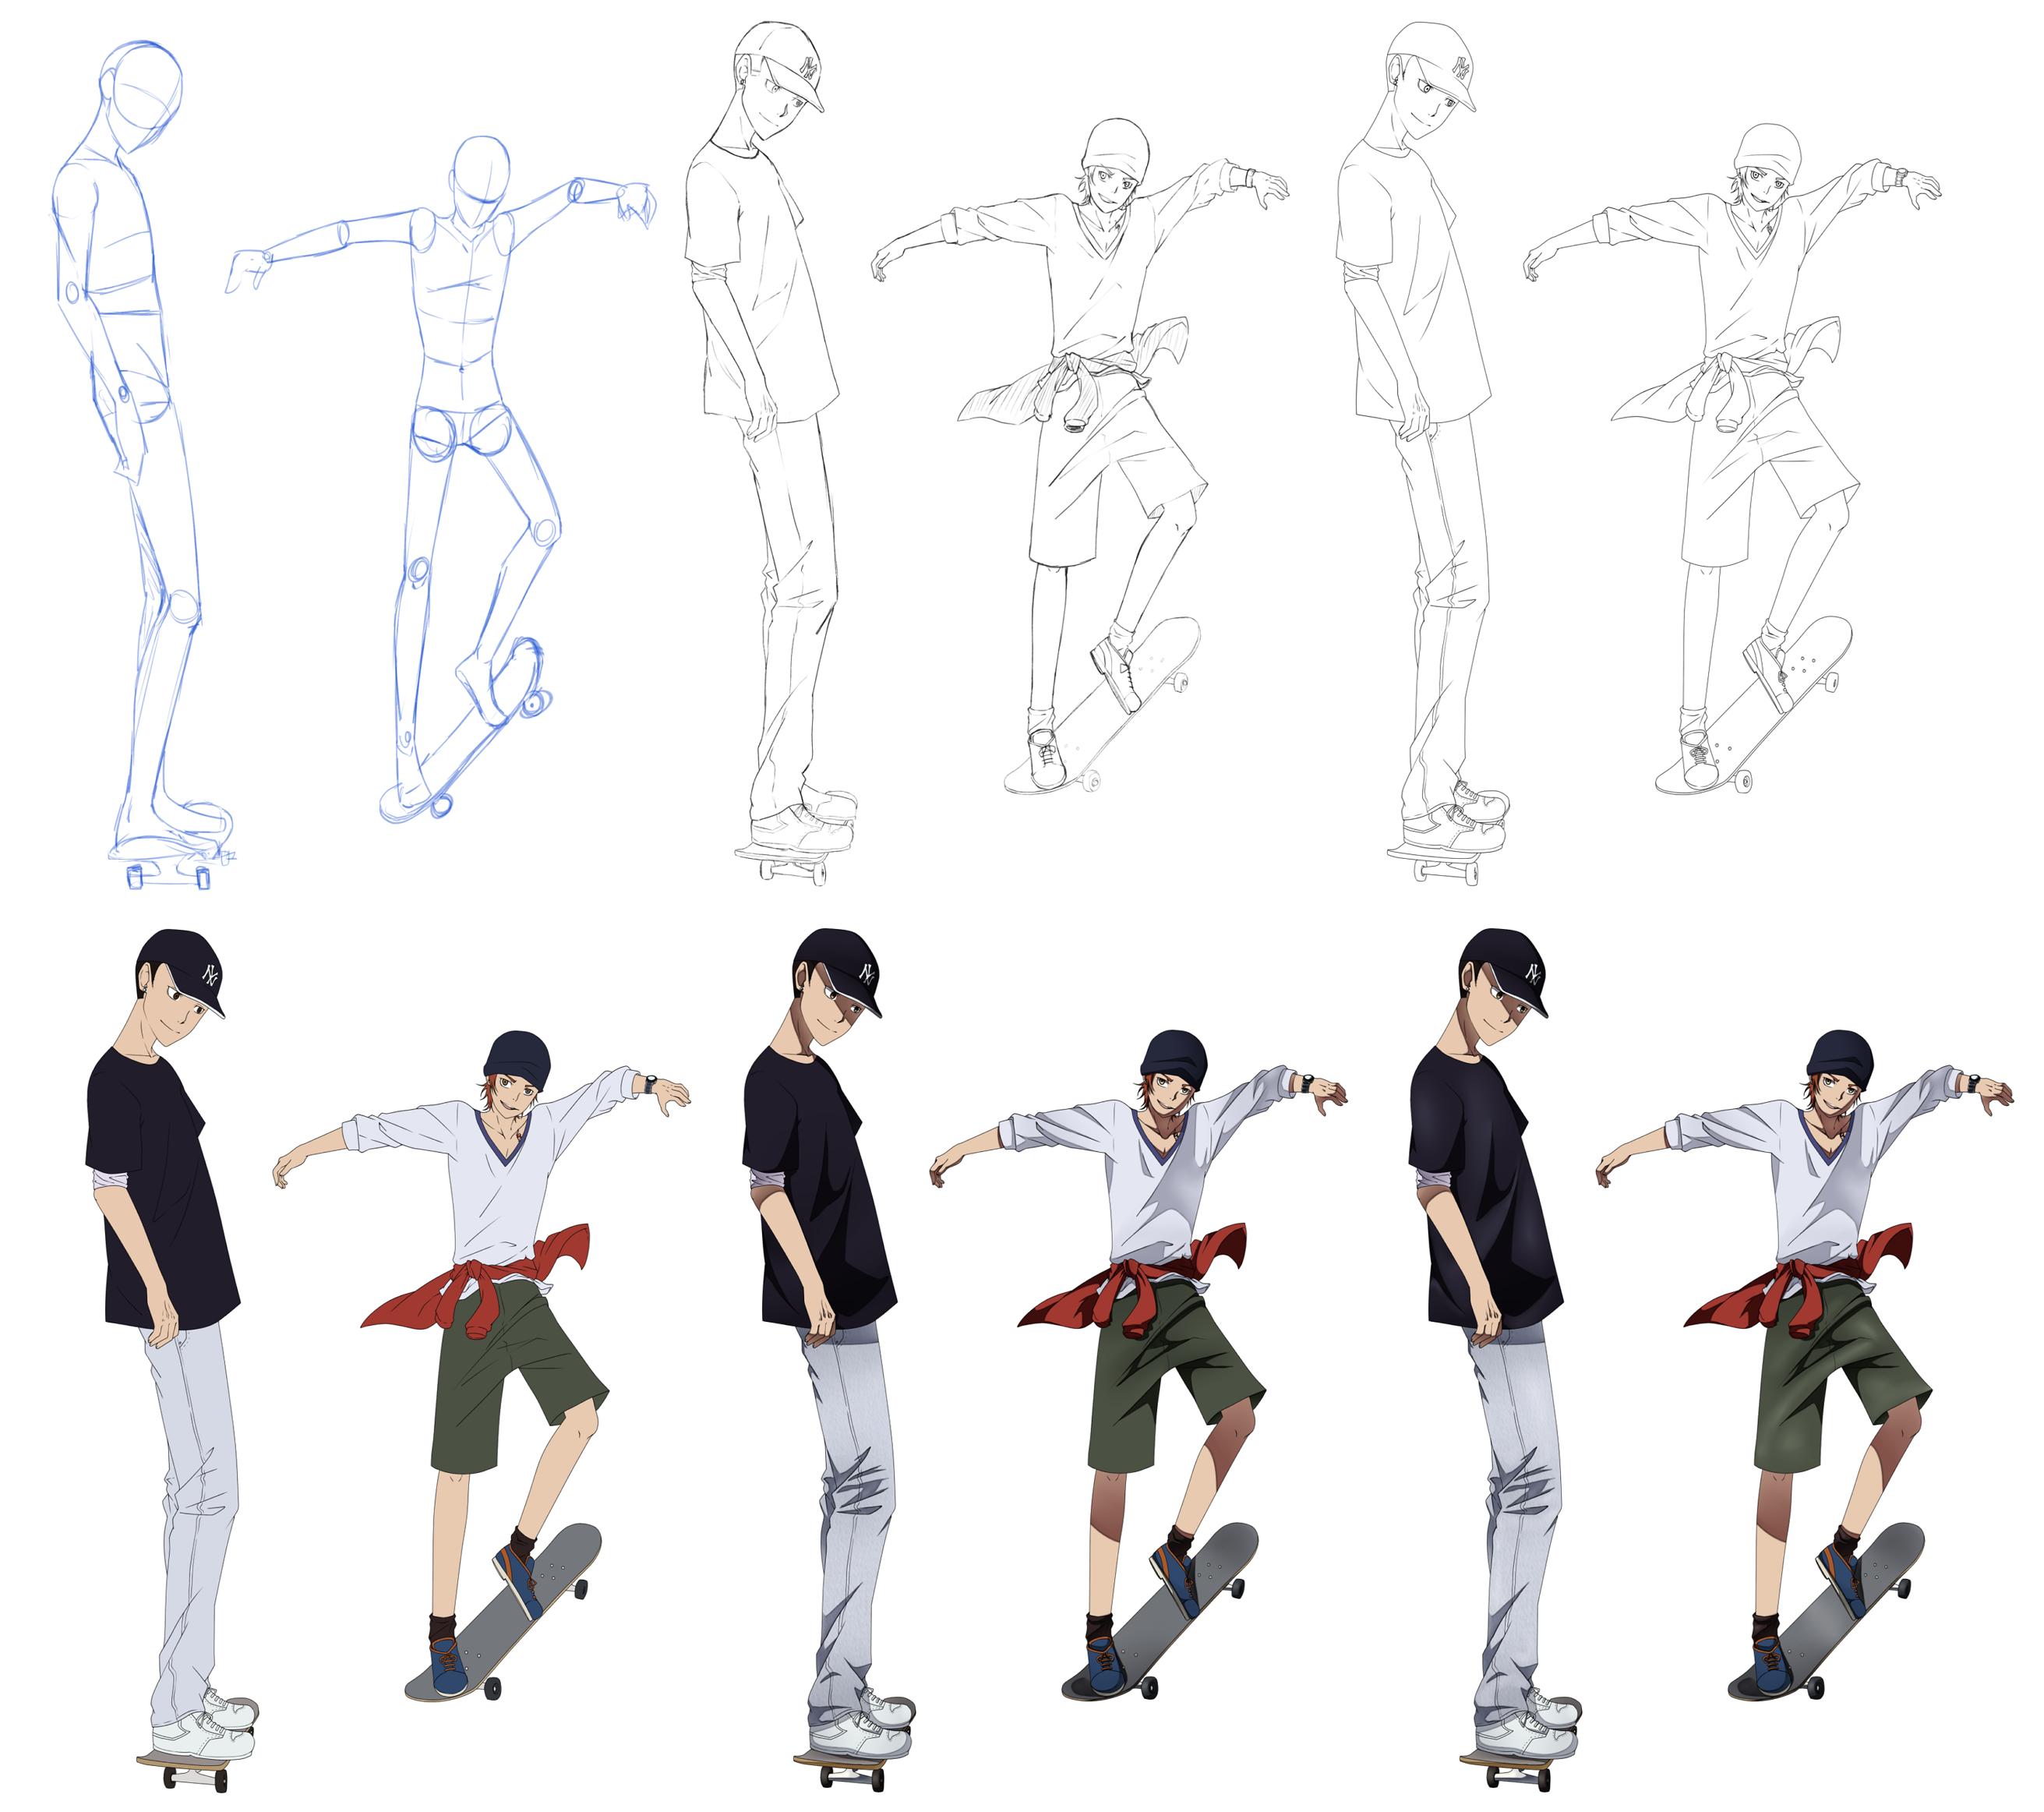 Skate Steps by Gurvana